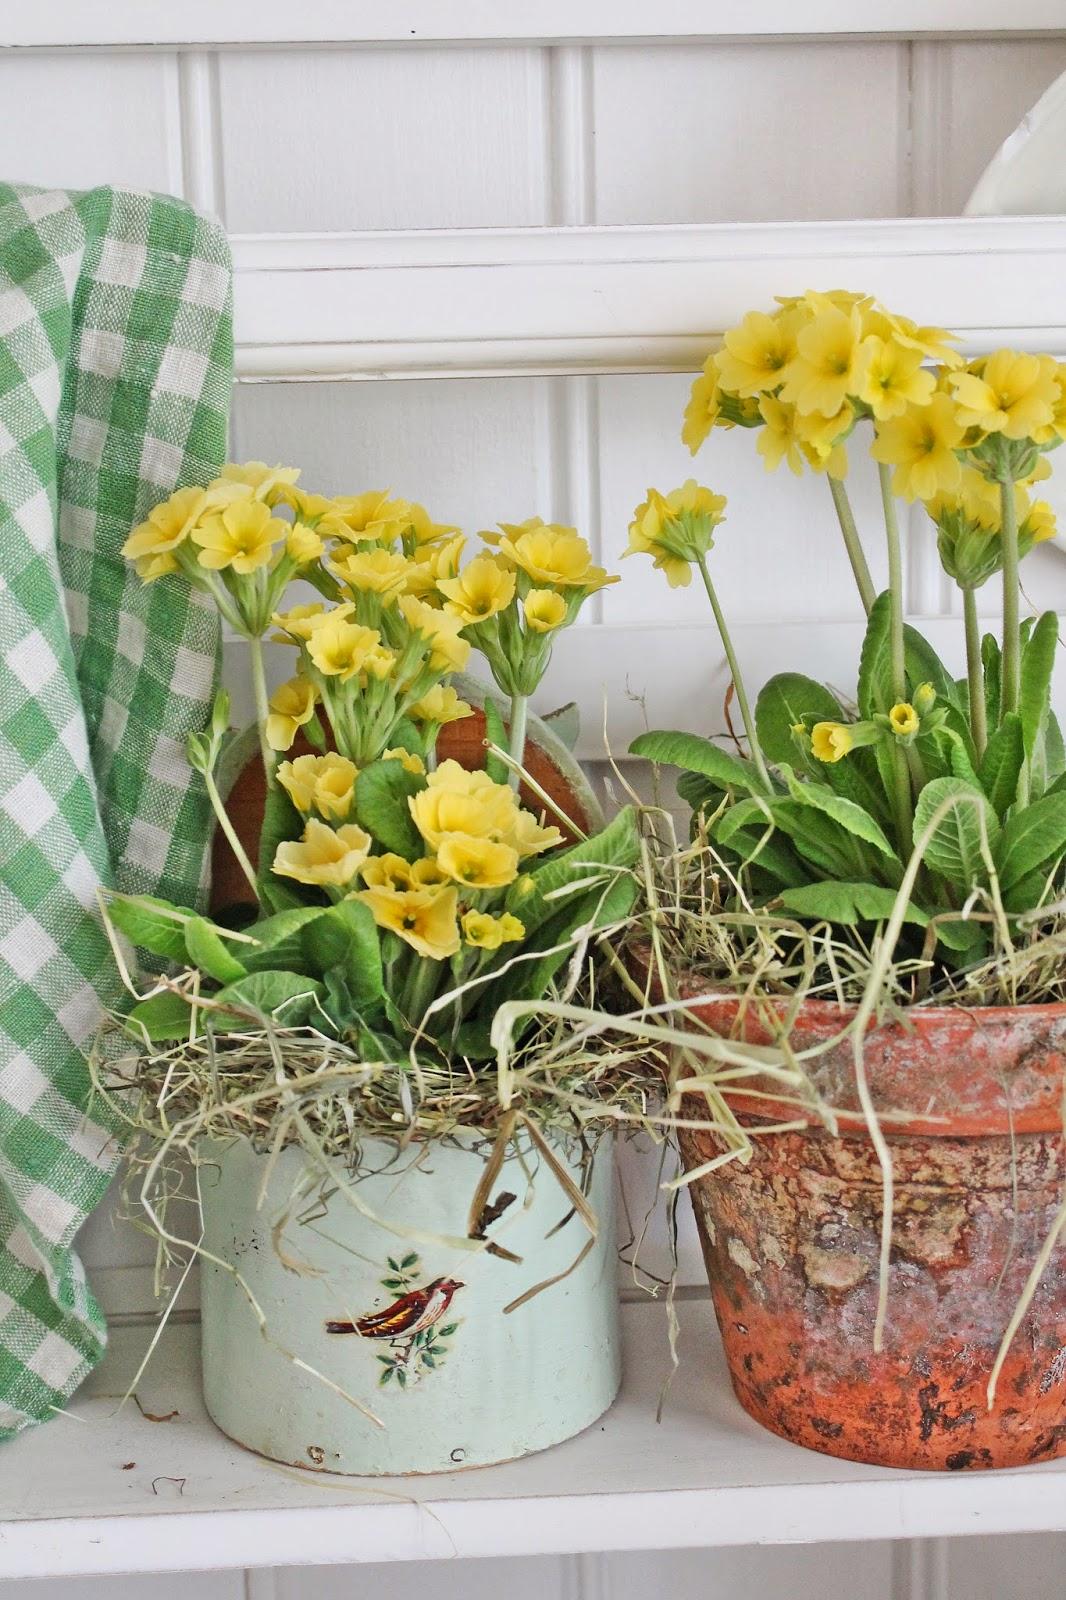 dekor/vesennie-cvety-k-pashe-foto-11.jpg